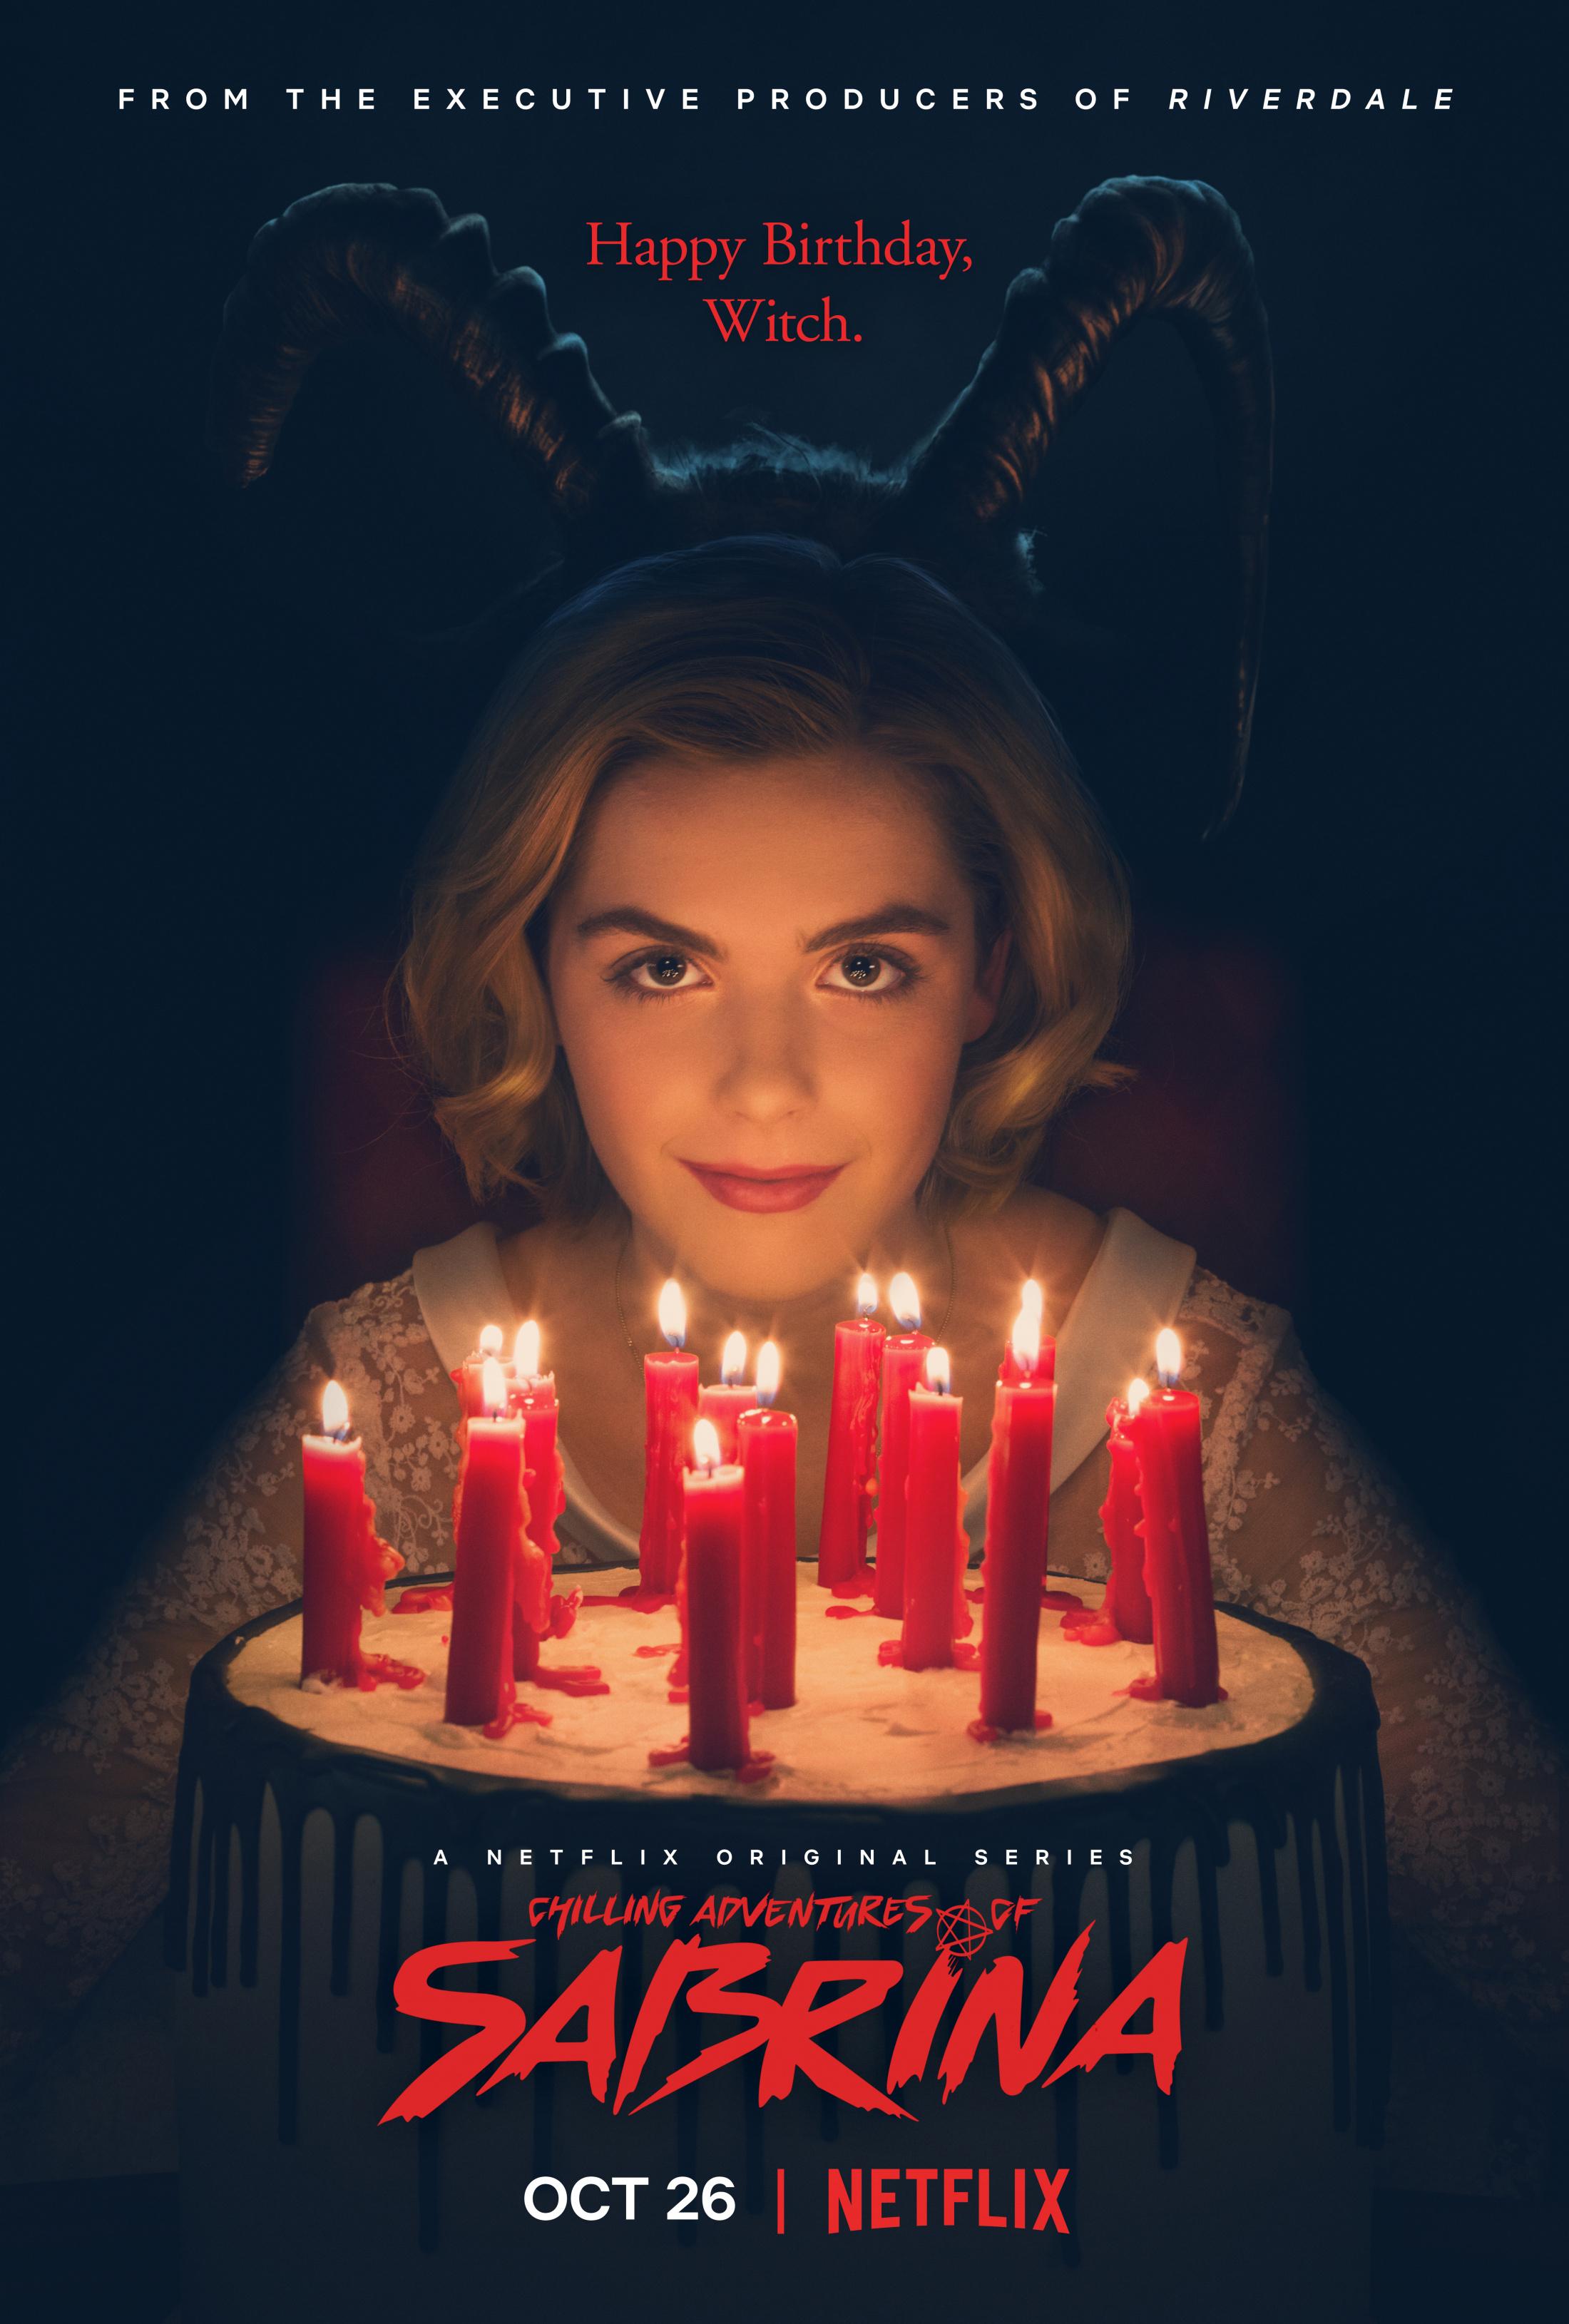 Thumbnail for Sabrina Birthday